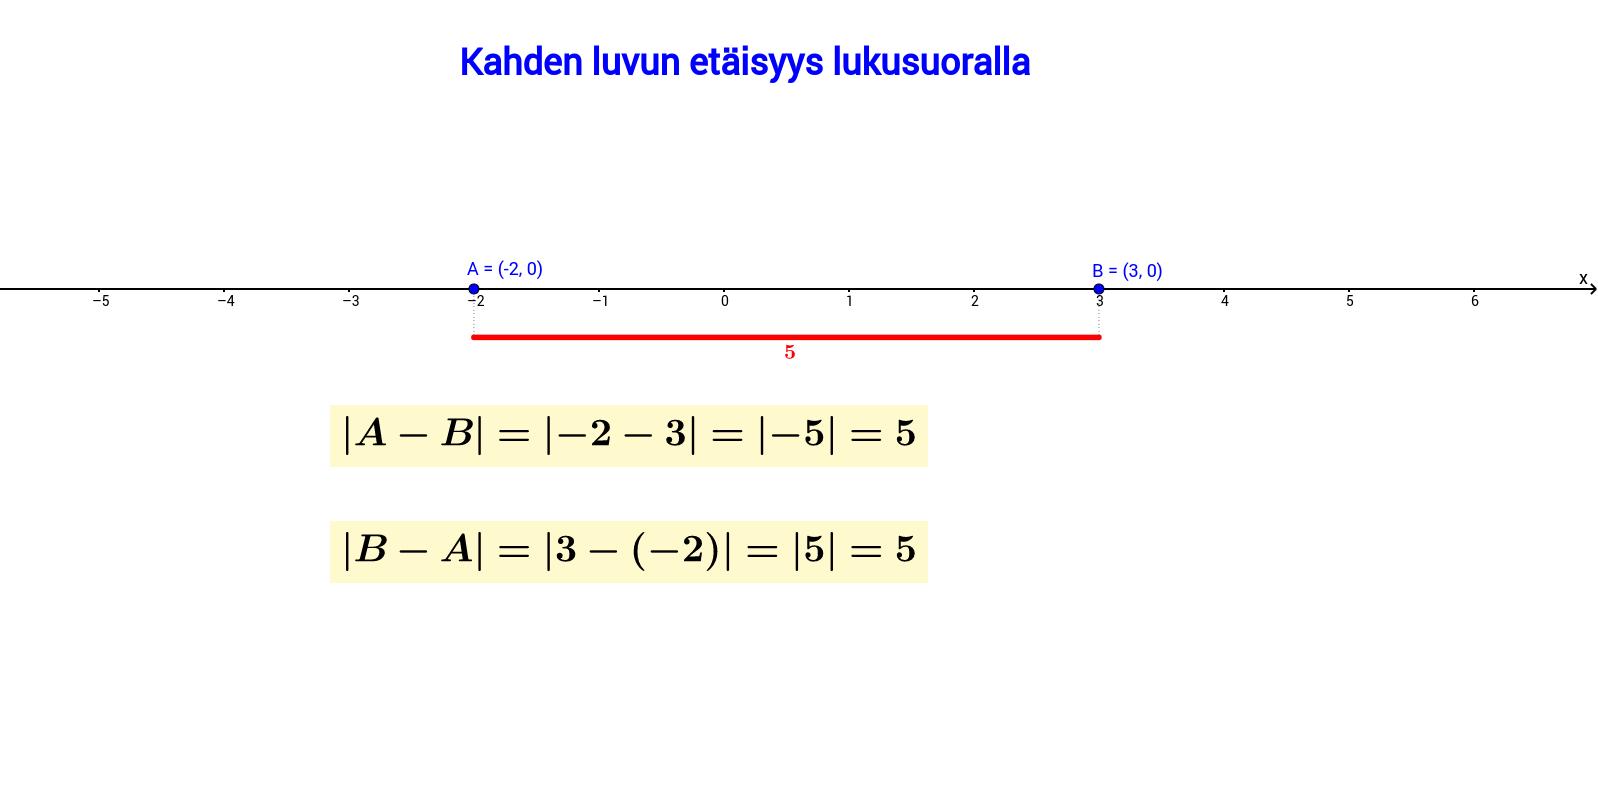 Kahden luvun etäisyys lukusuoralla